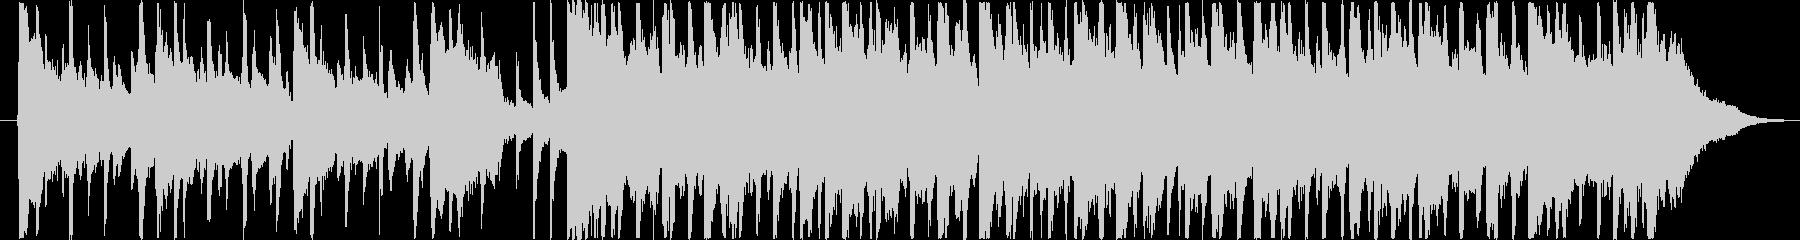 楽しい雰囲気のBGM(30秒ver)の未再生の波形